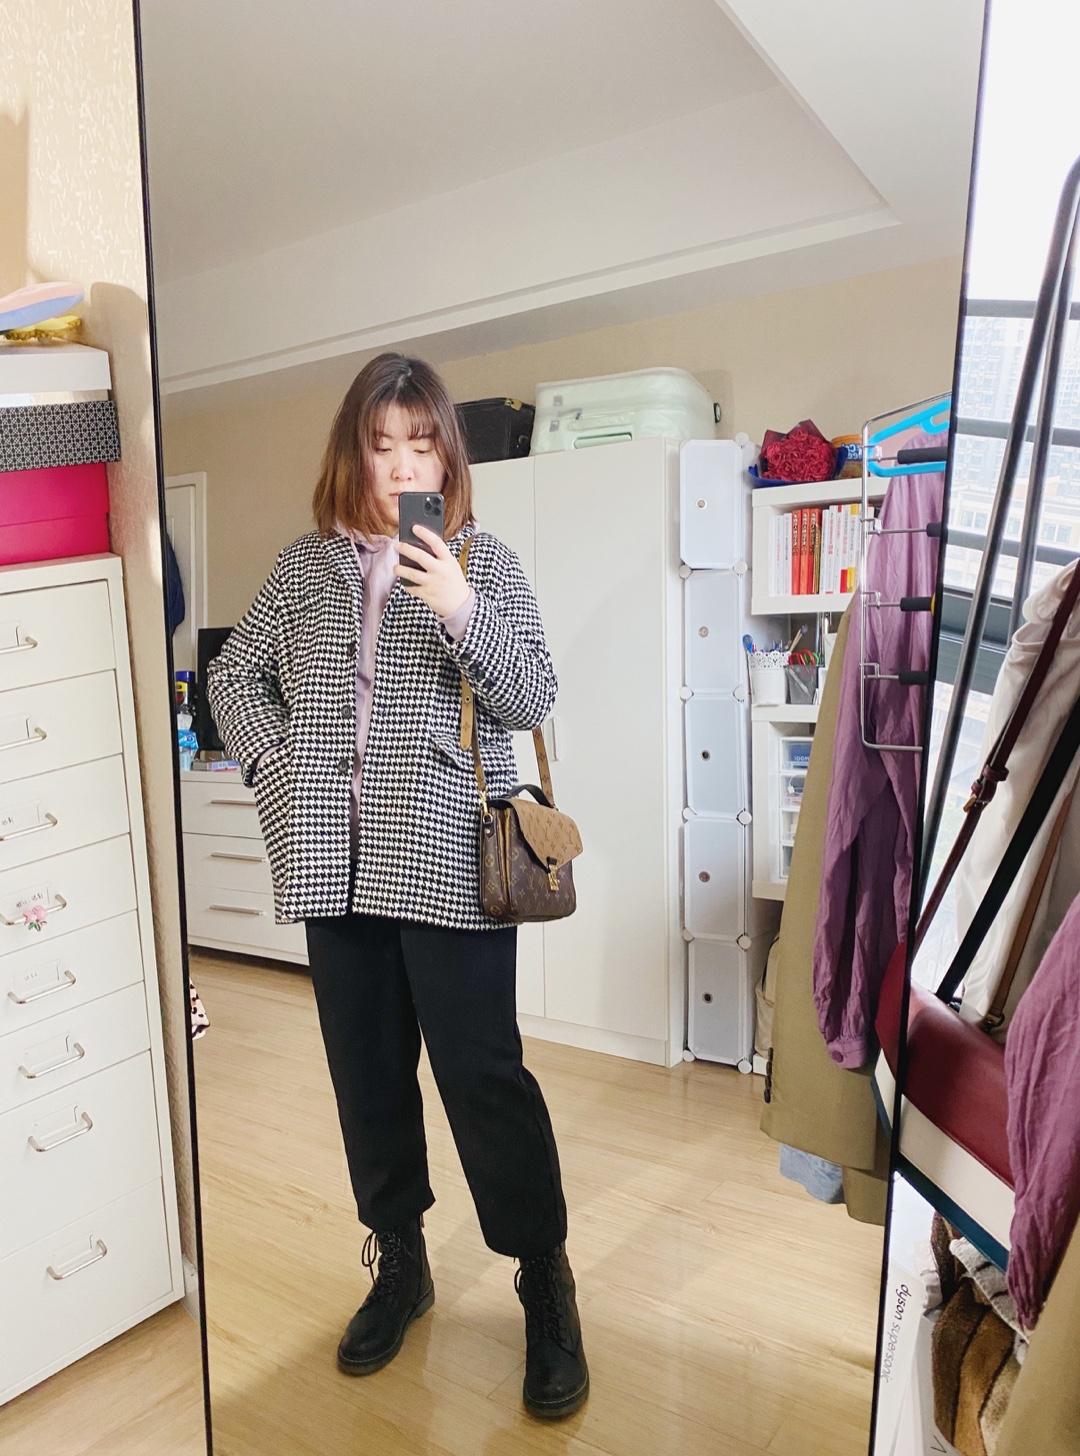 混搭周二 今天穿回喜欢的紫色卫衣 外搭黑白格好像也不太违和   #全民搭配挑战赛#